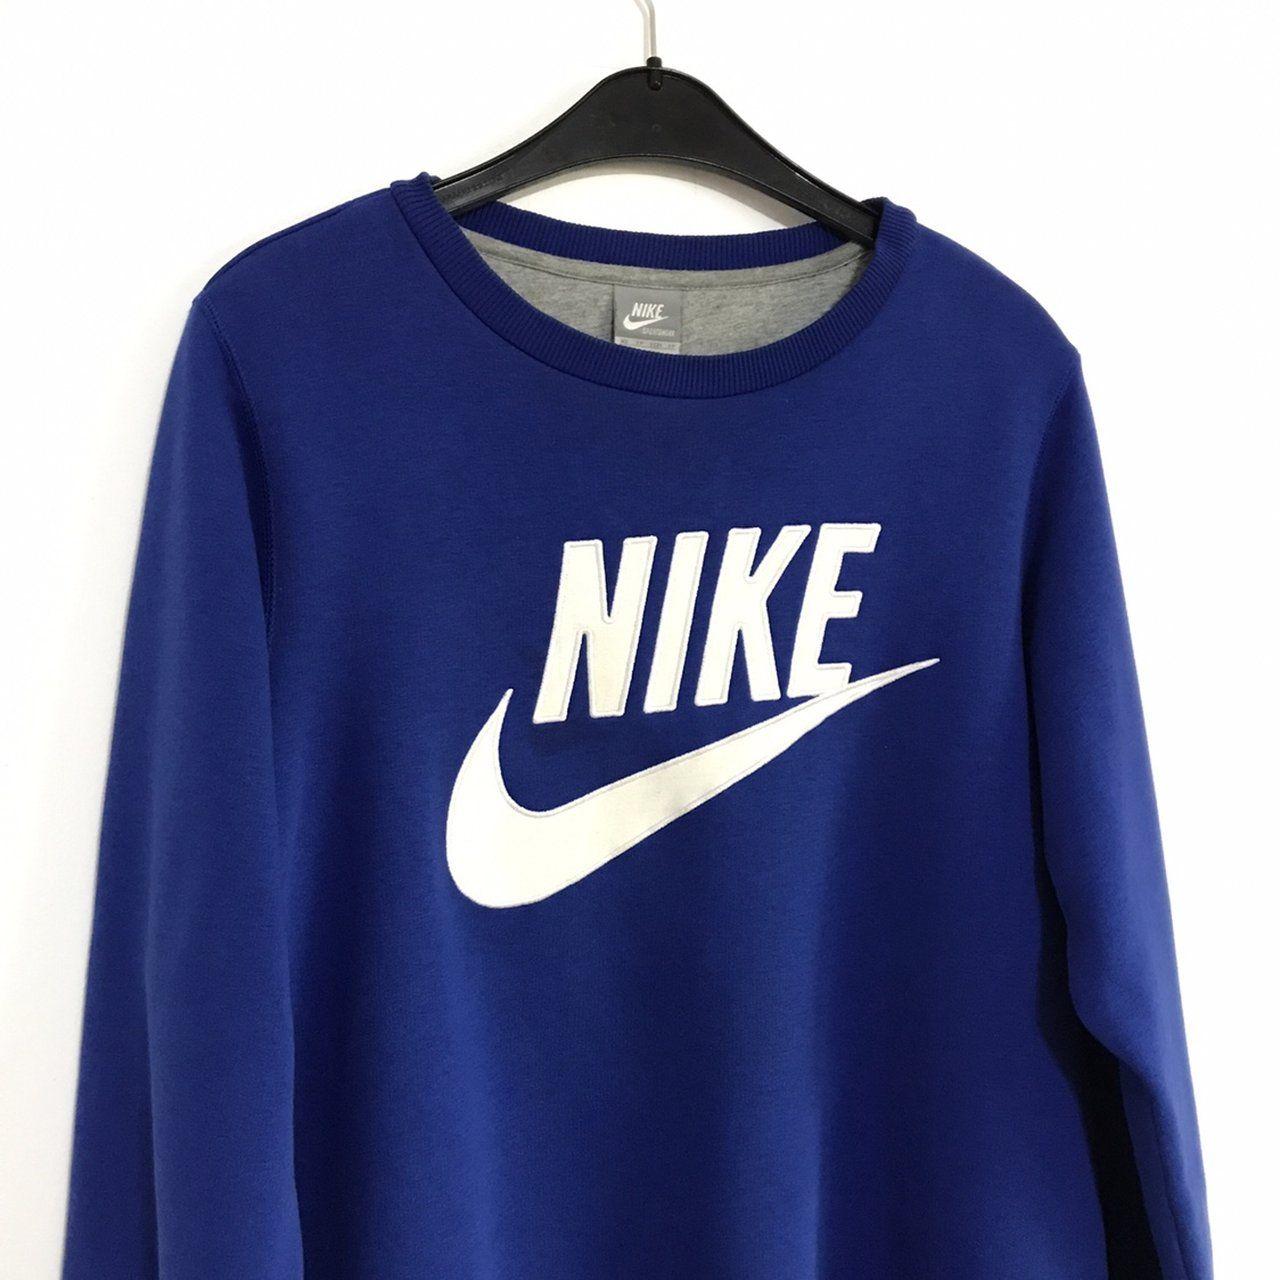 Vintage Nike Sweatshirt Size Xs Great Condition Free To Depop Vintage Nike Sweatshirt Nike Sweatshirts Sweatshirts [ 1280 x 1280 Pixel ]